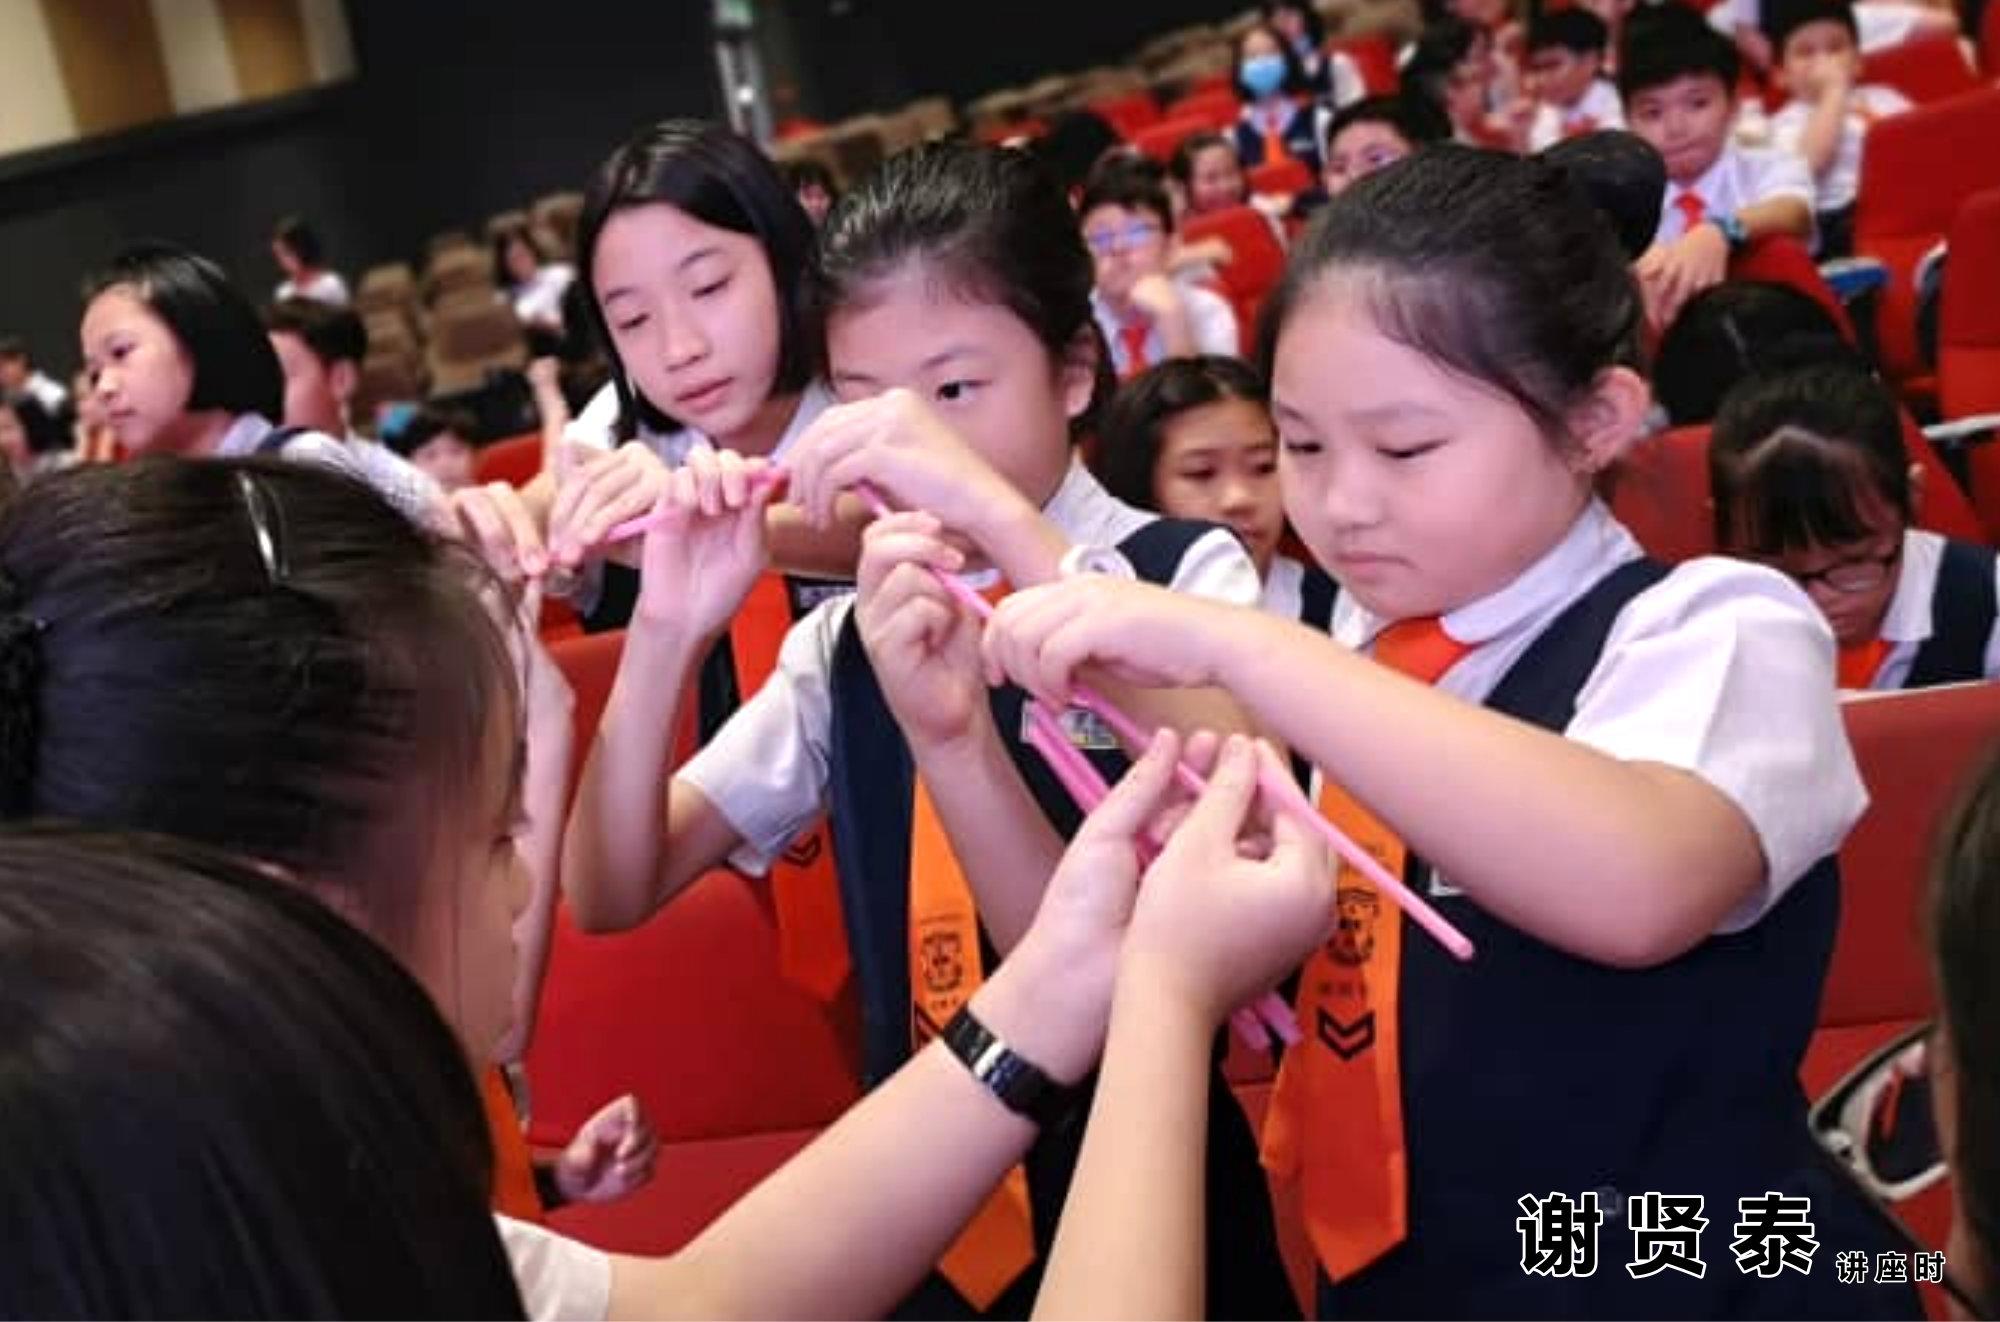 谢贤泰 新山宽柔一小 成为团队领袖 Be A Team Leader 2020小领袖培训营 麻坡小学领袖培训 新山小学培训 A012